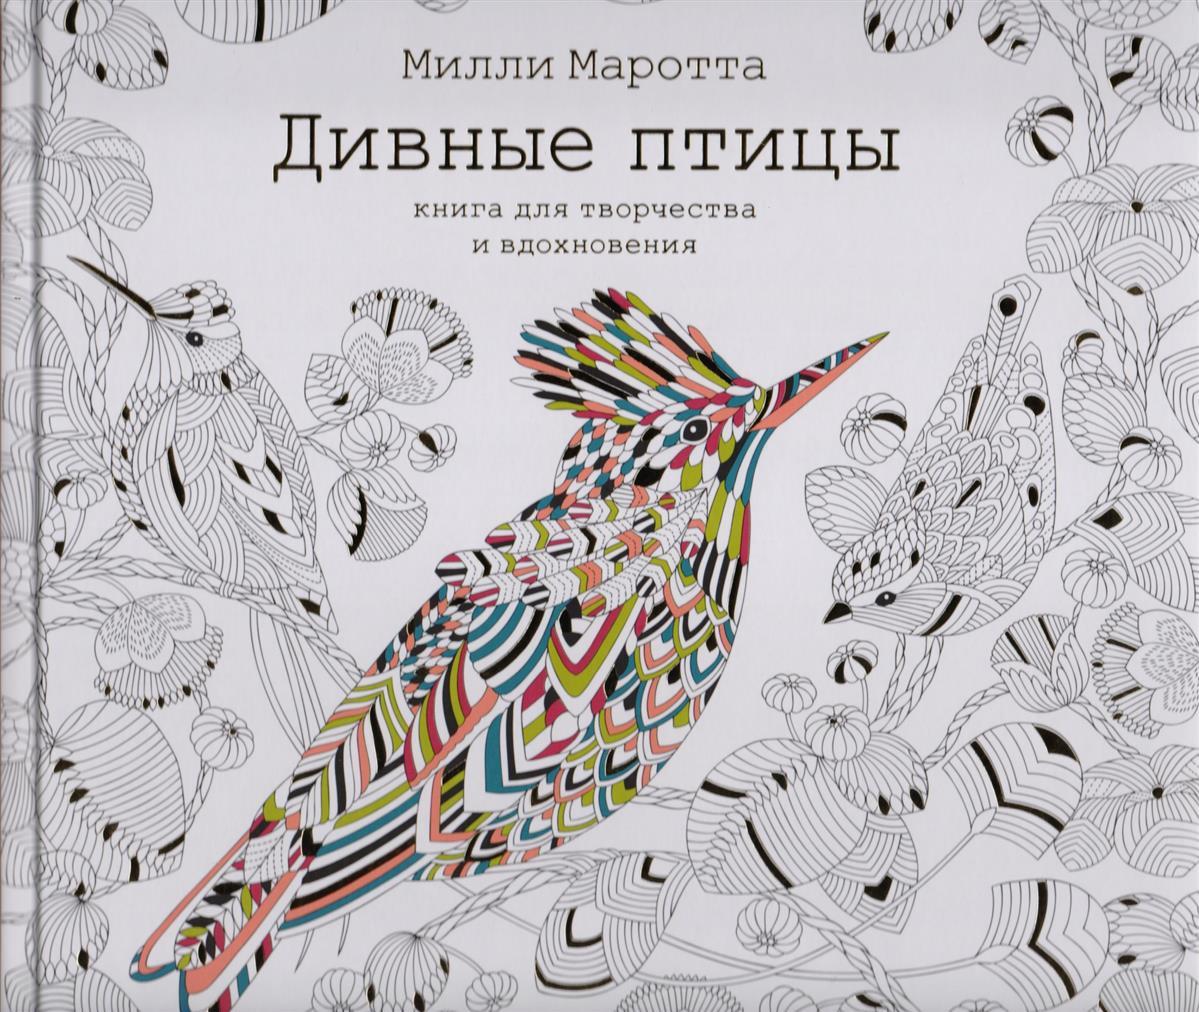 Маротта М. Дивные птицы. Книга для творчества и вдохновения цена 2017